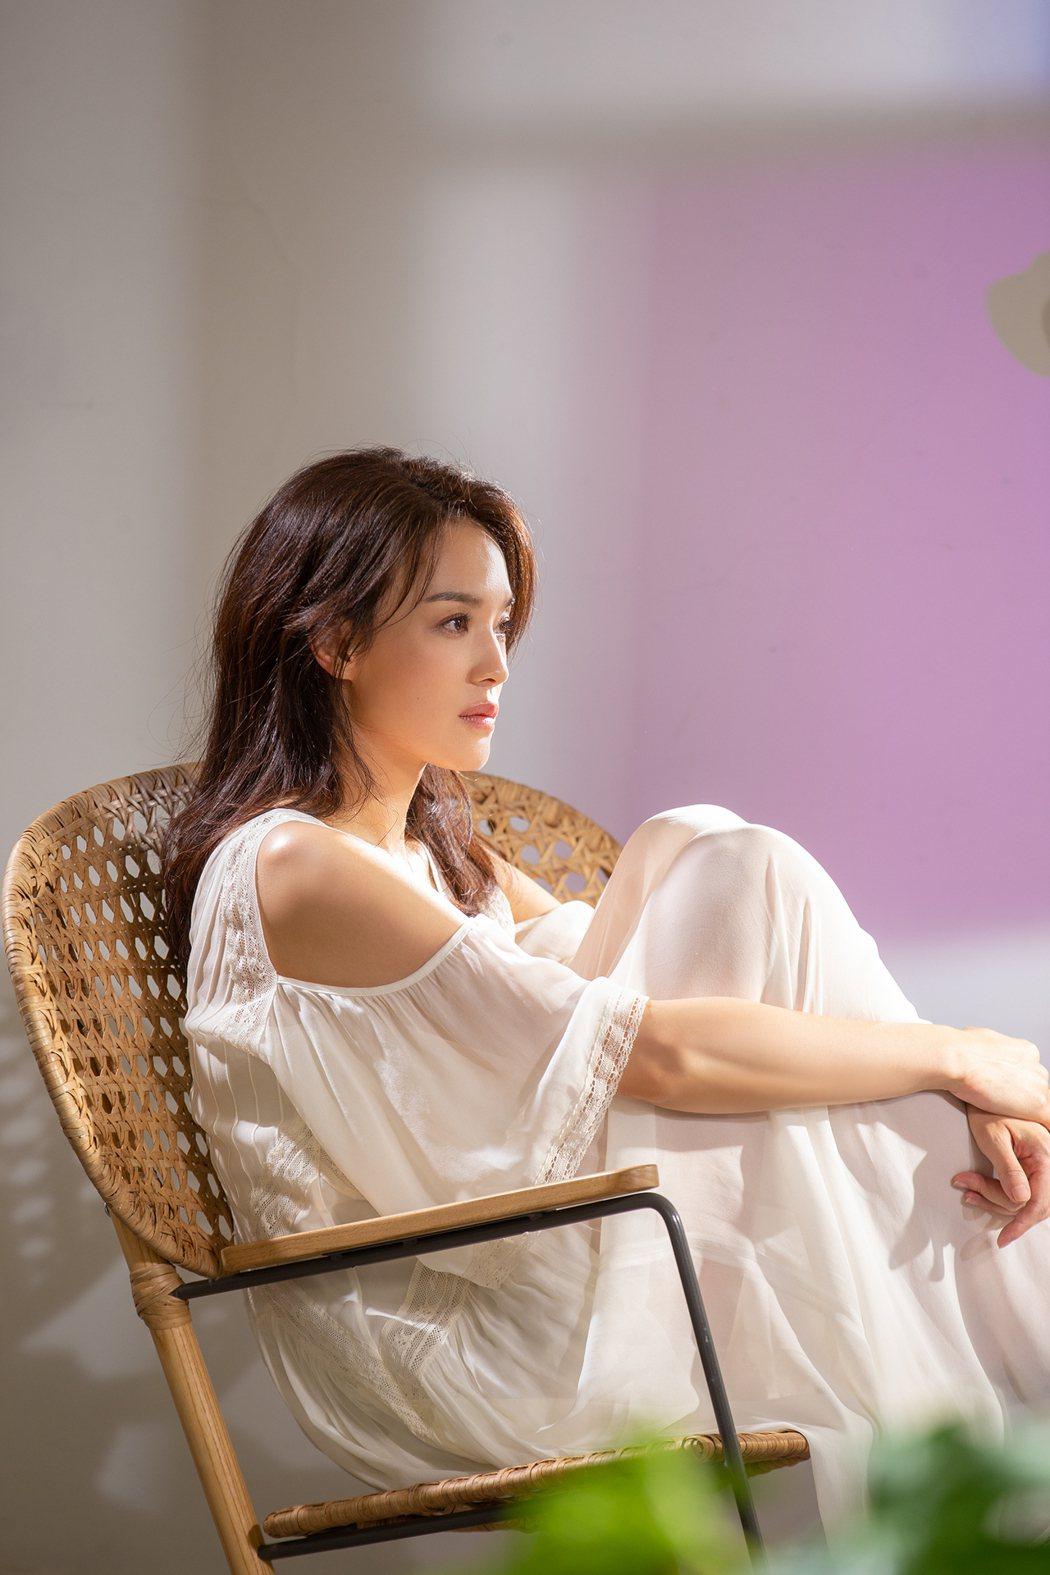 舒淇在MV中大秀「無濾鏡」之美。圖/華納音樂提供